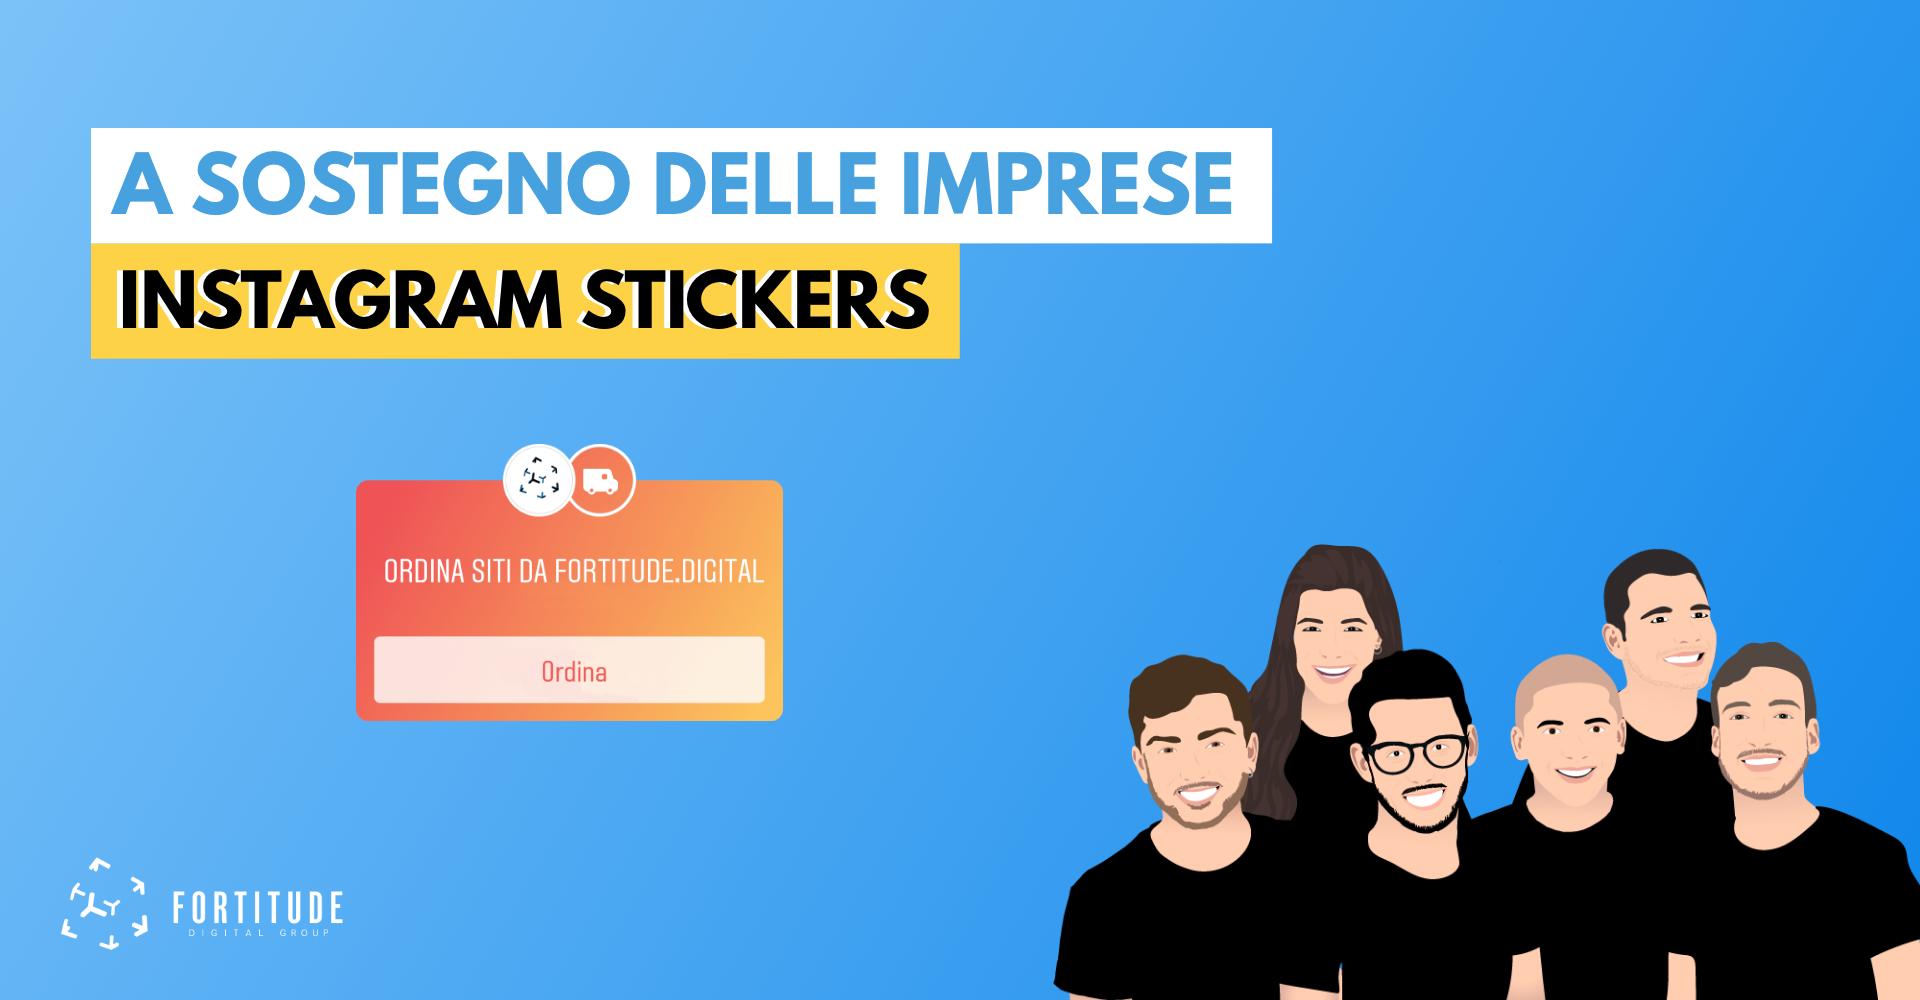 Instagram Sticker a Sostegno delle Imprese